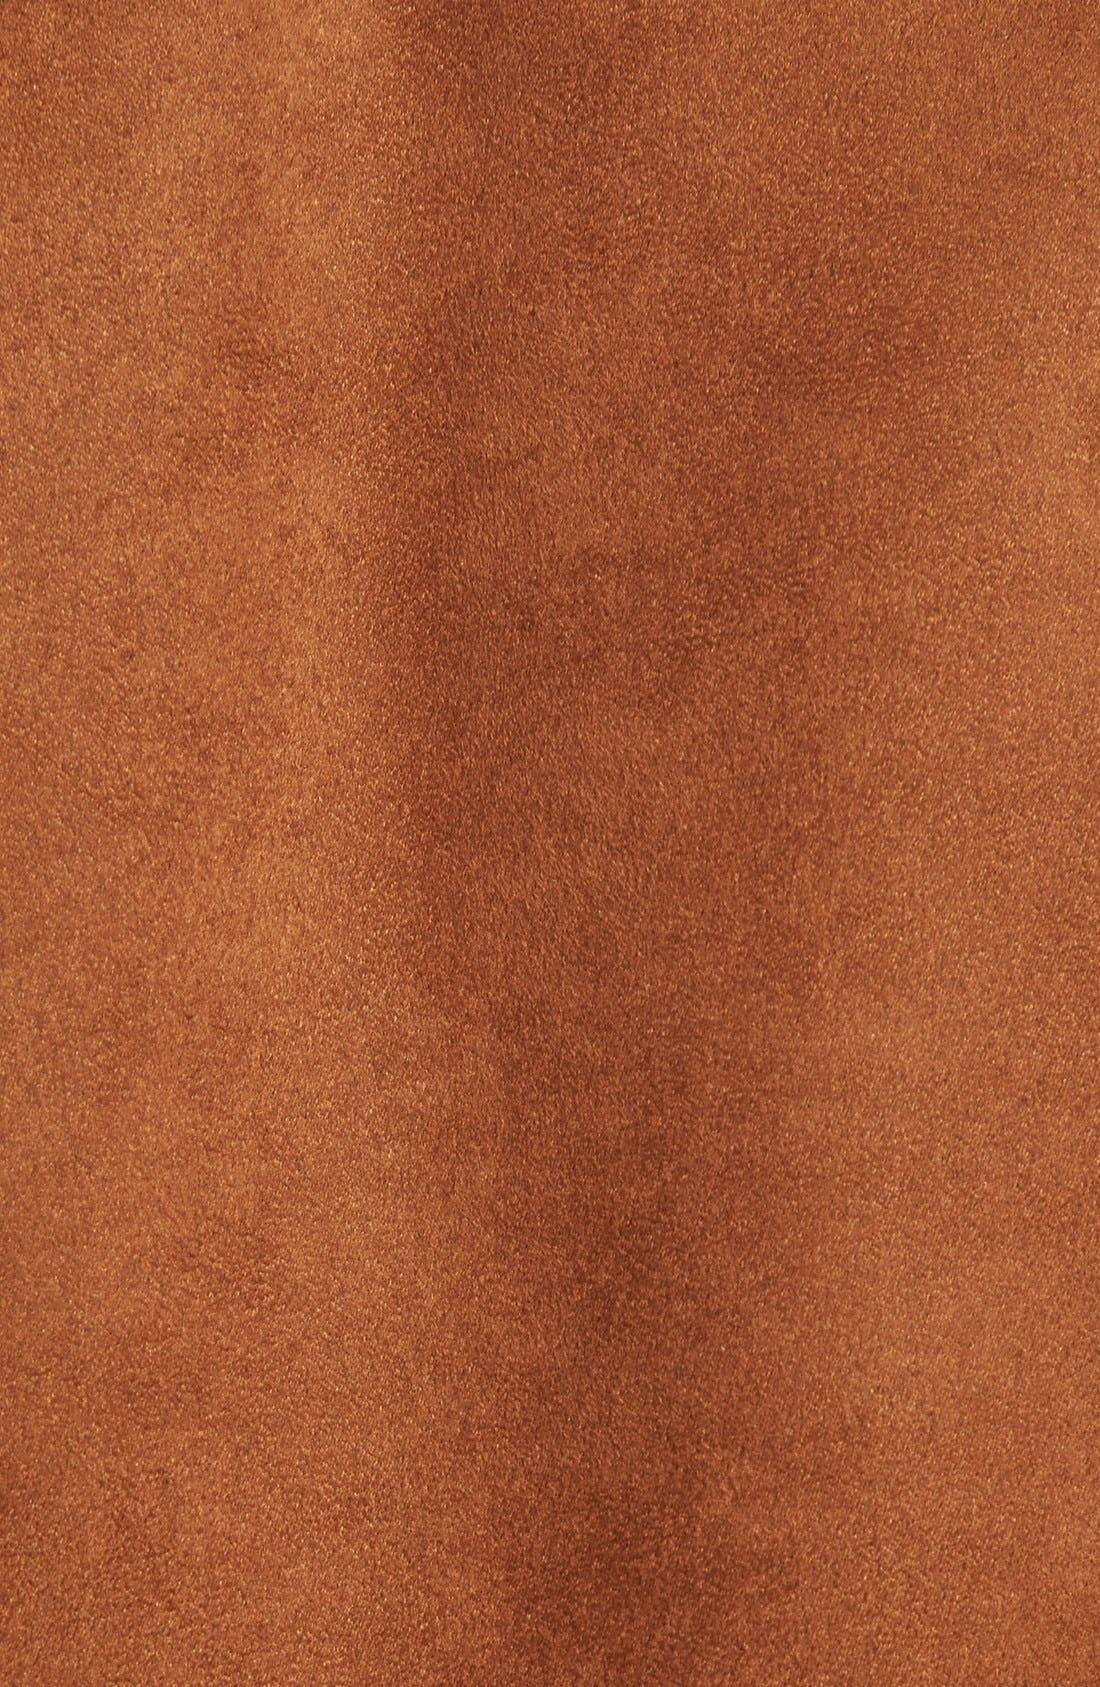 Fringe Faux Suede Jacket,                             Alternate thumbnail 2, color,                             200